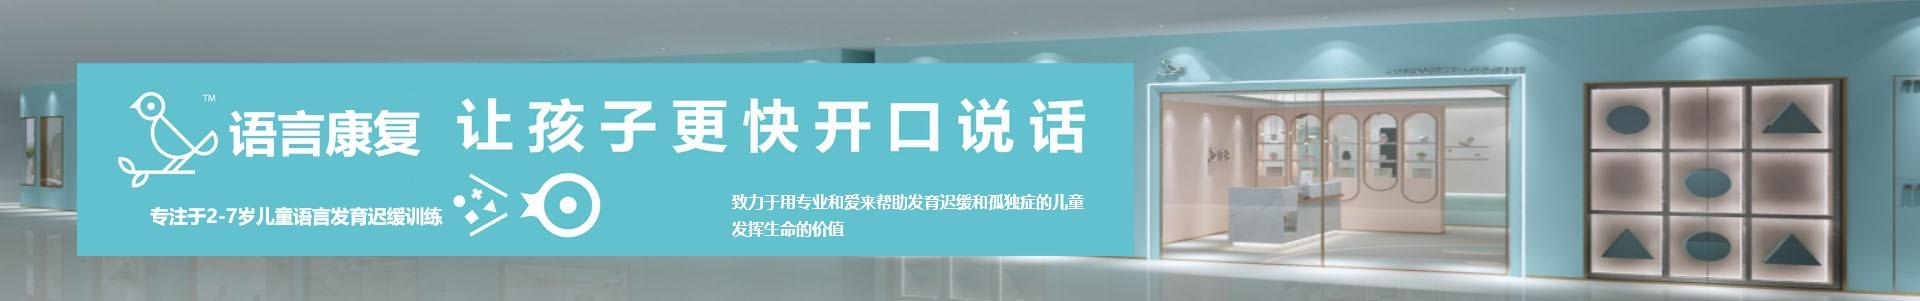 武漢言語康復中心